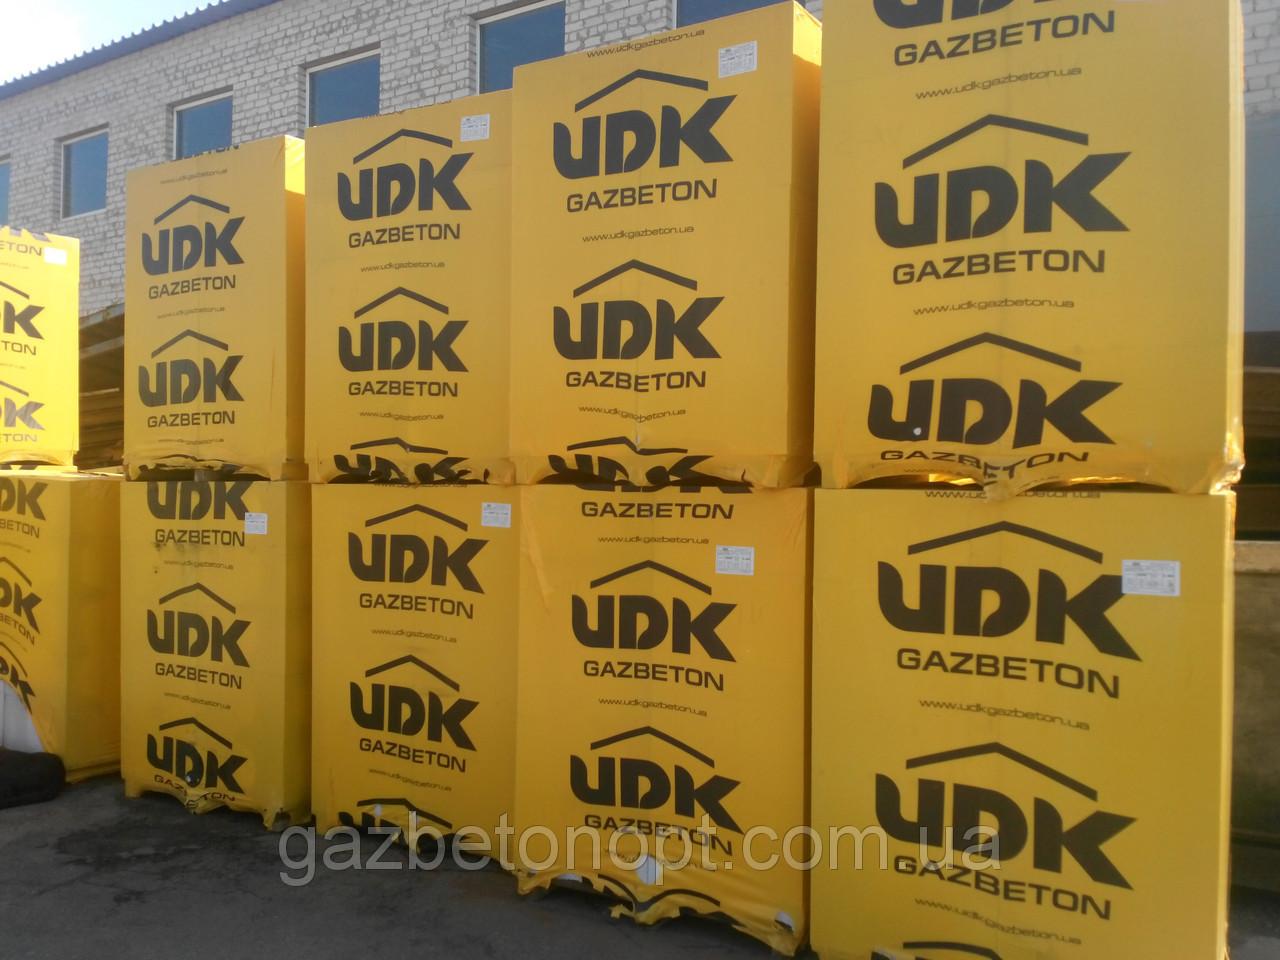 Газобетон, Газоблок, Газобетонные блоки ЮДК (UDK) 600*300*200 D500 - Материалы для строительства и отделки стен в Харькове